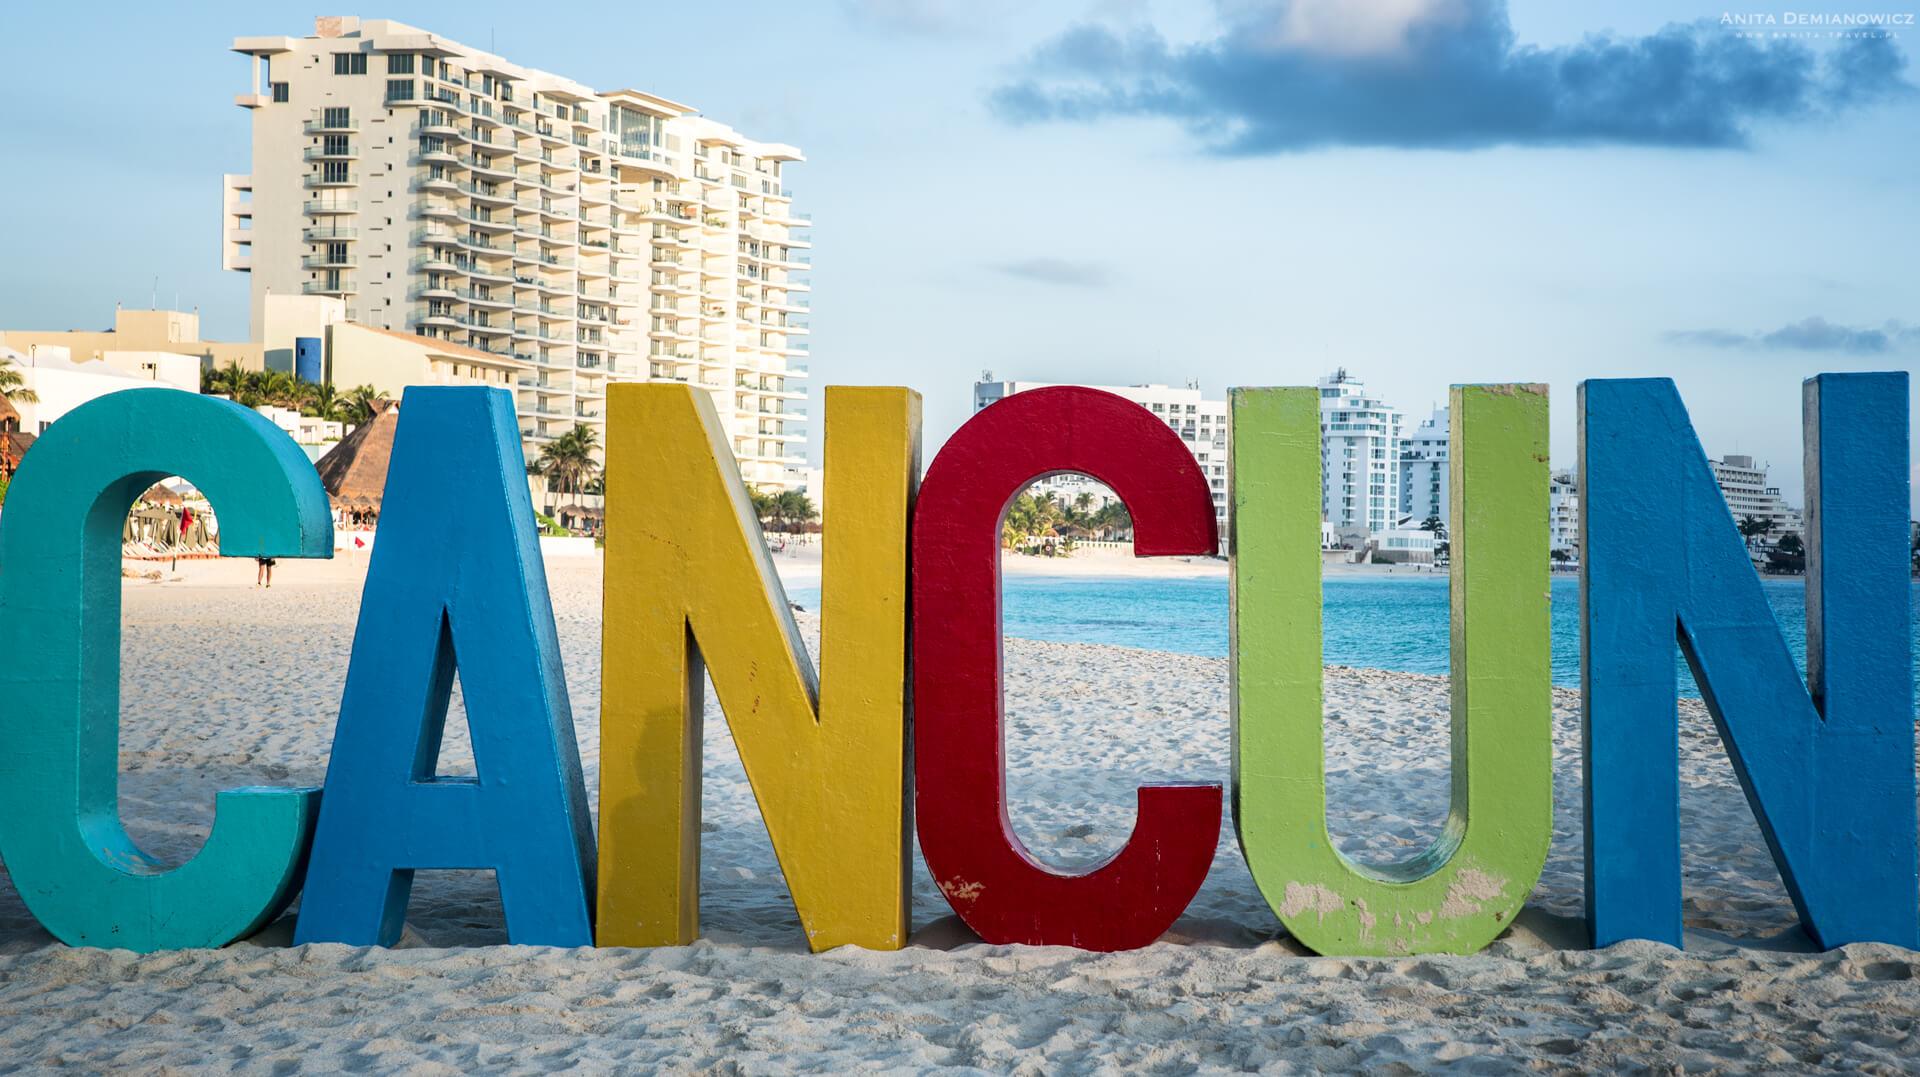 Przewodnik poMeksyku, Cancun